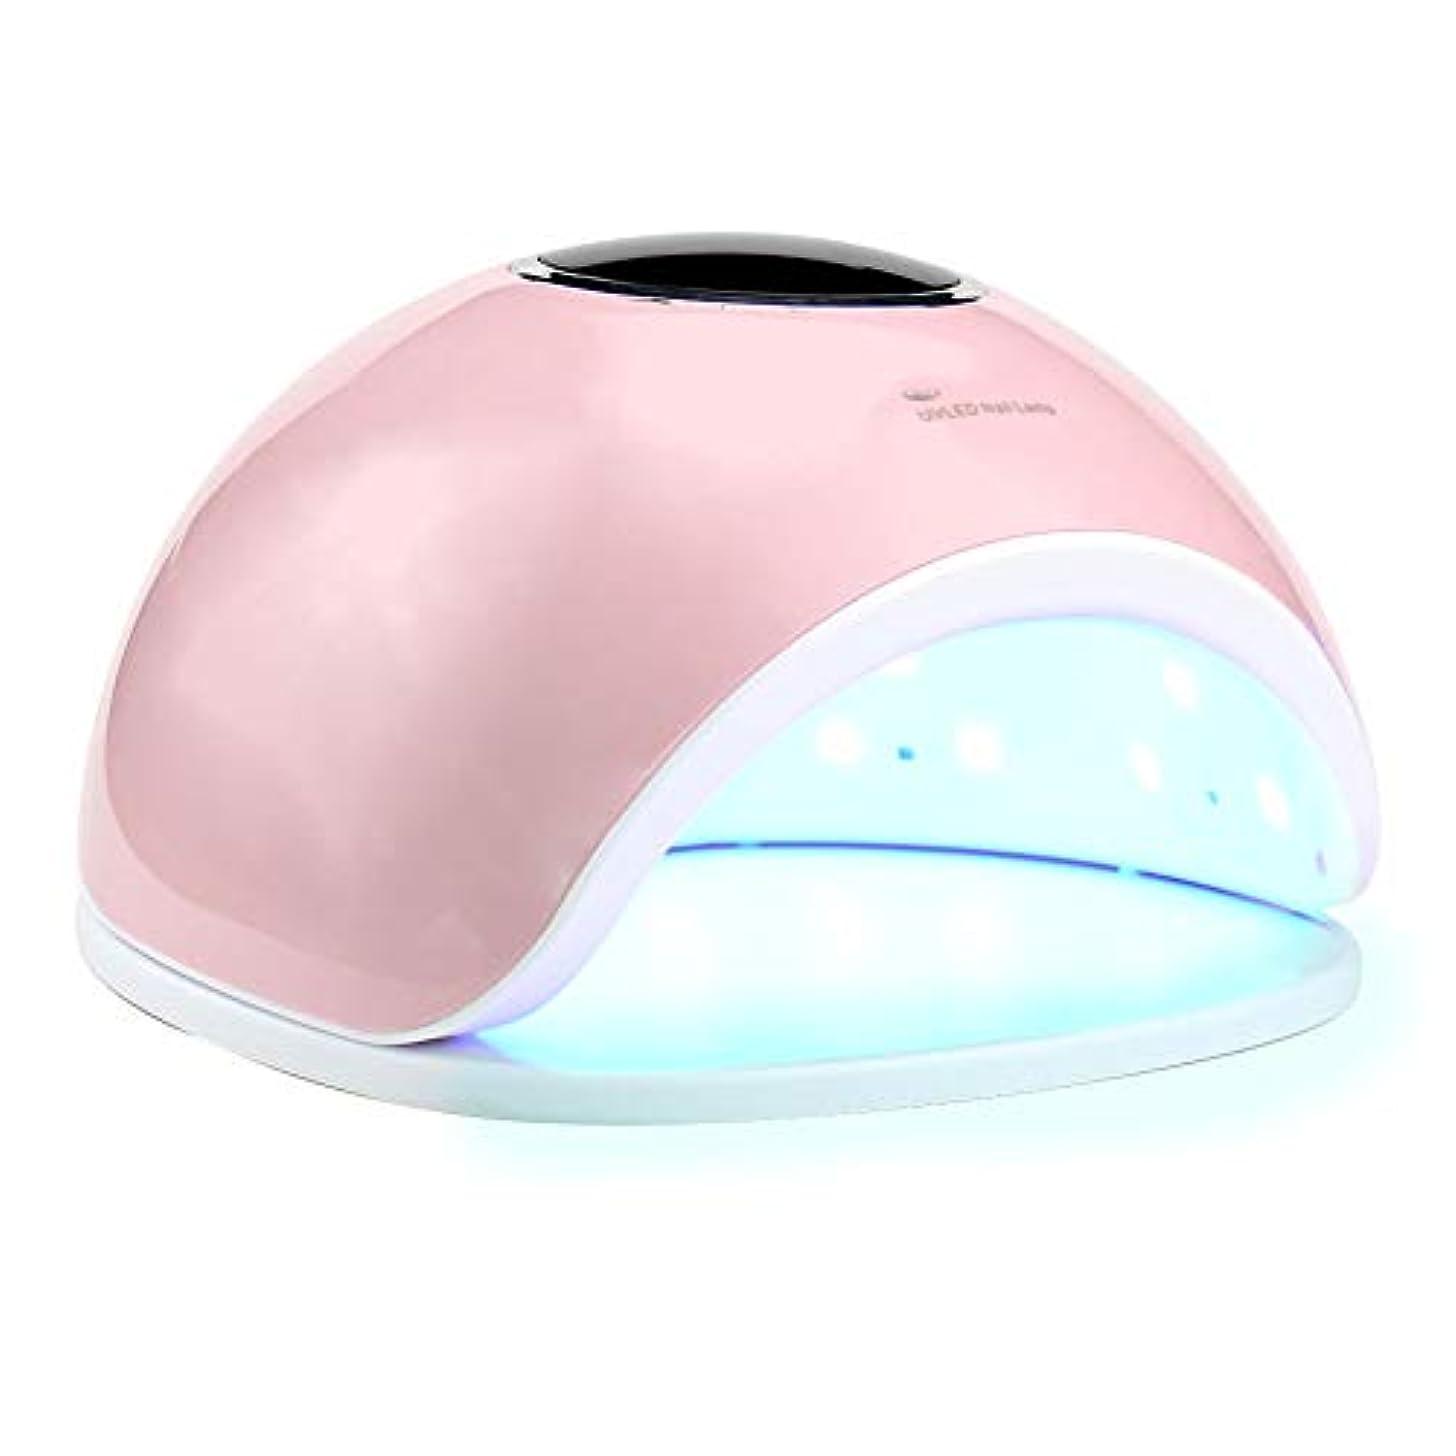 意図するクリーナー落ちたネイルドライヤーポータブルネイルライト - ネイル光線療法機33ランプビーズ液晶ディスプレイ無痛モード4タイミング,Pink